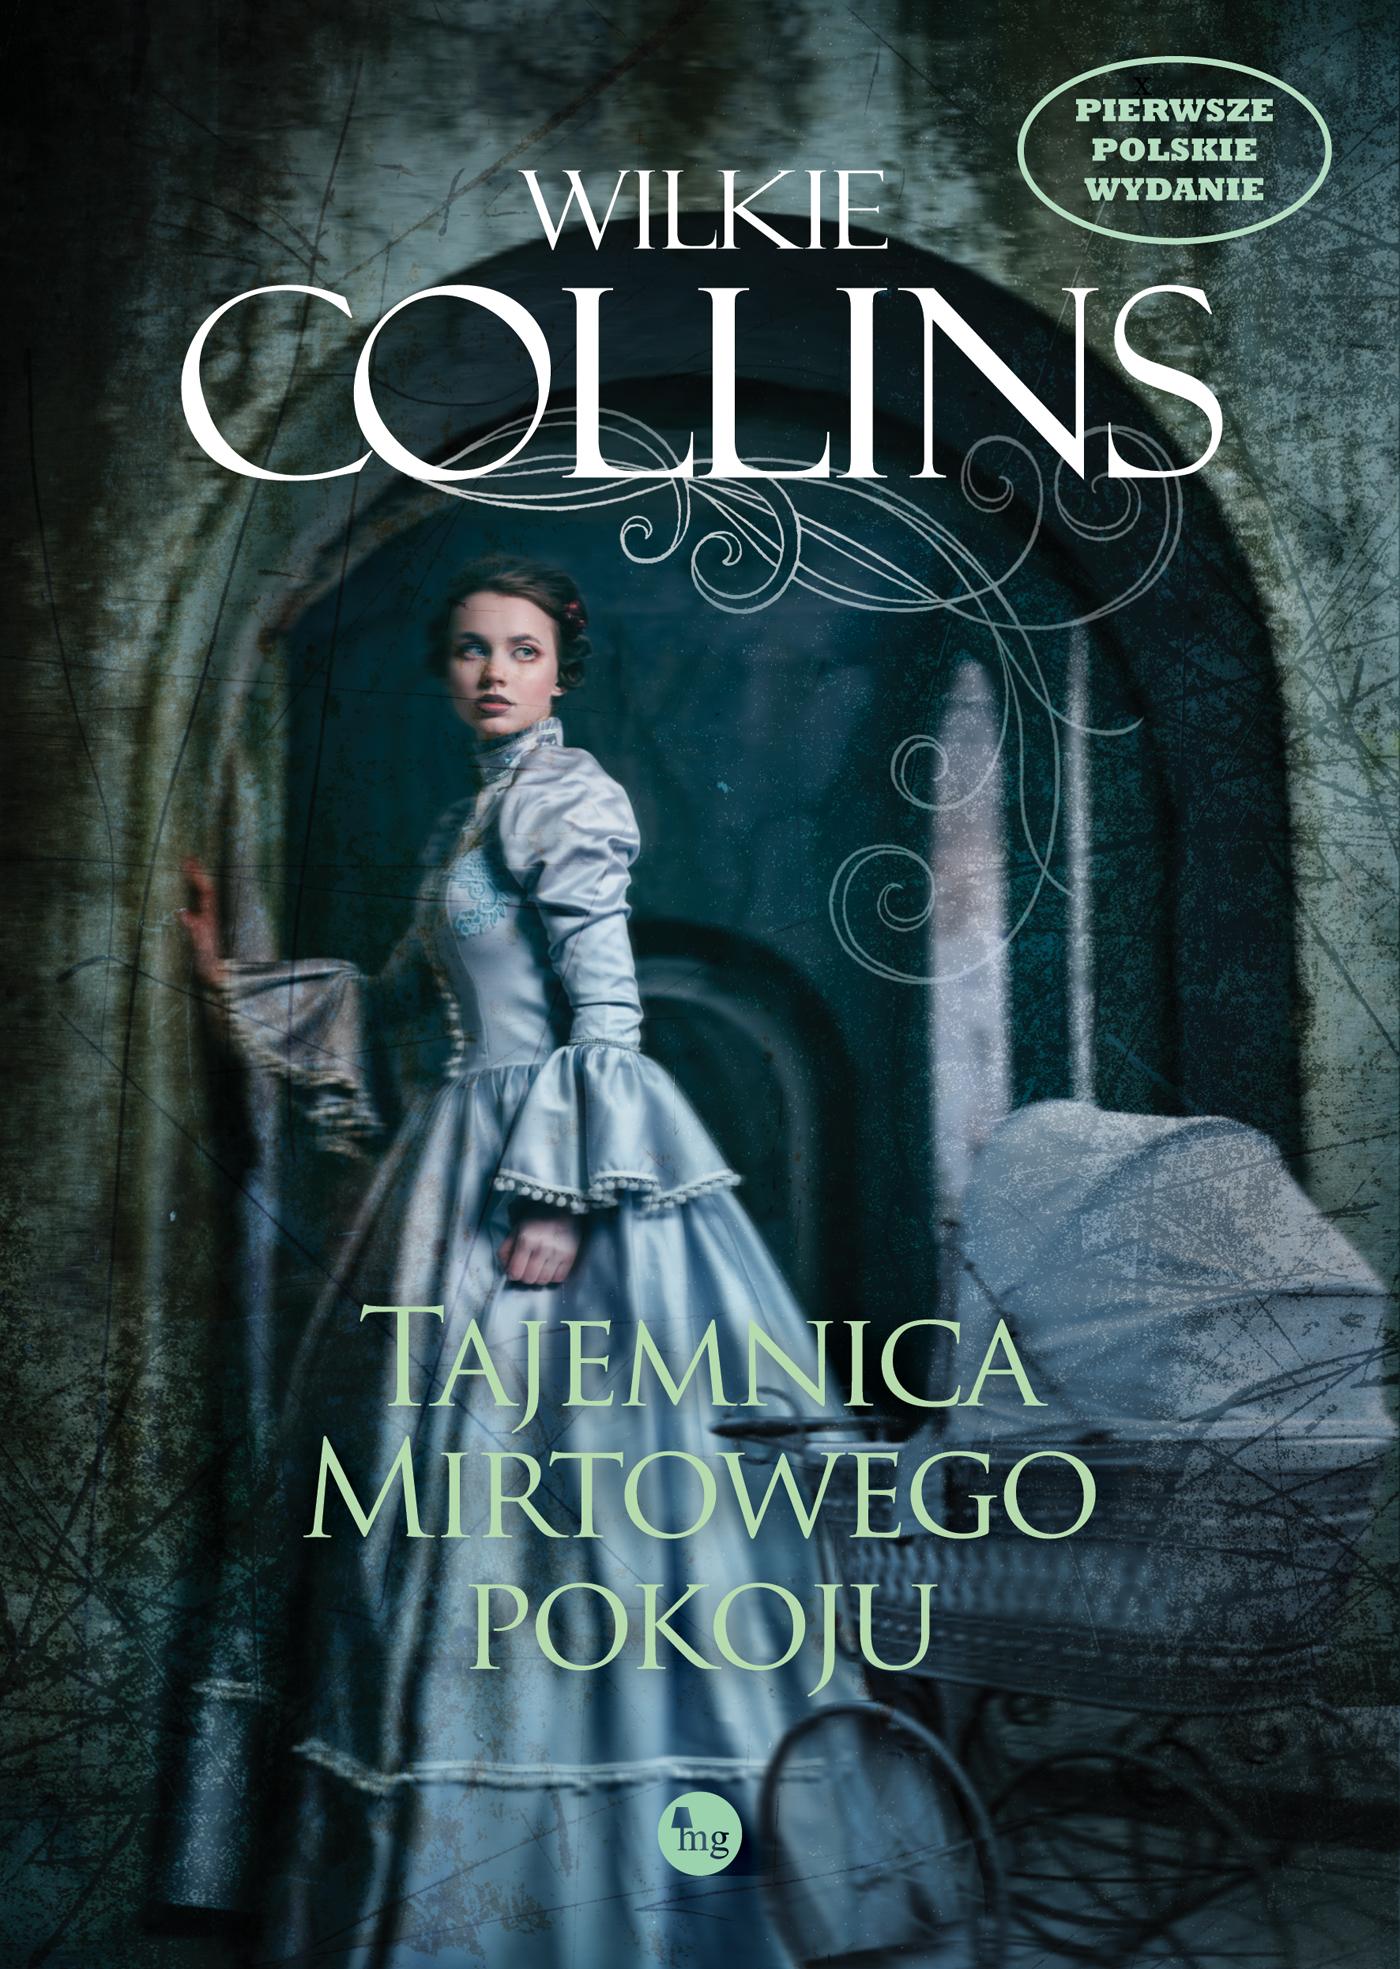 """Tajemnicę trzeba ujawnić – recenzja powieści Wilkiego Collinsa """"Tajemnica mirtowego pokoju"""""""